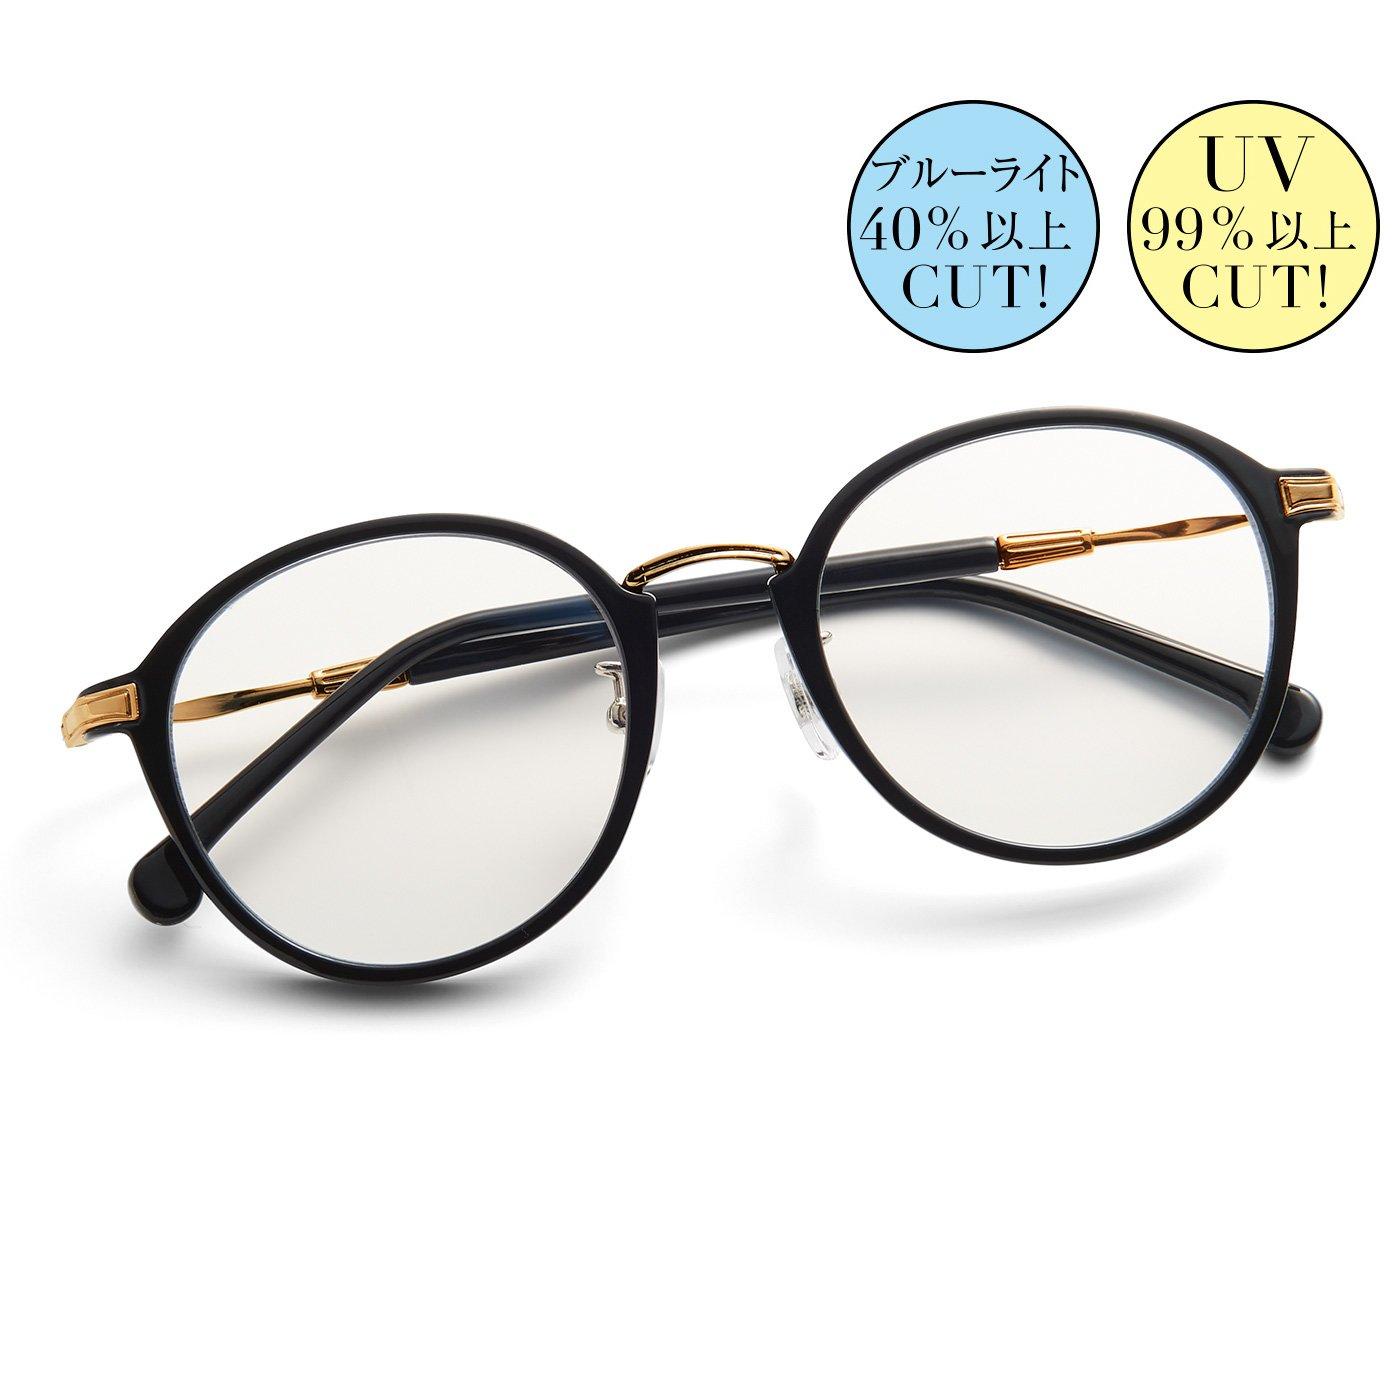 IEDIT[イディット] 紫外線とブルーライトから瞳を守る 大人好みの眼鏡見えサングラス〈ブラック〉